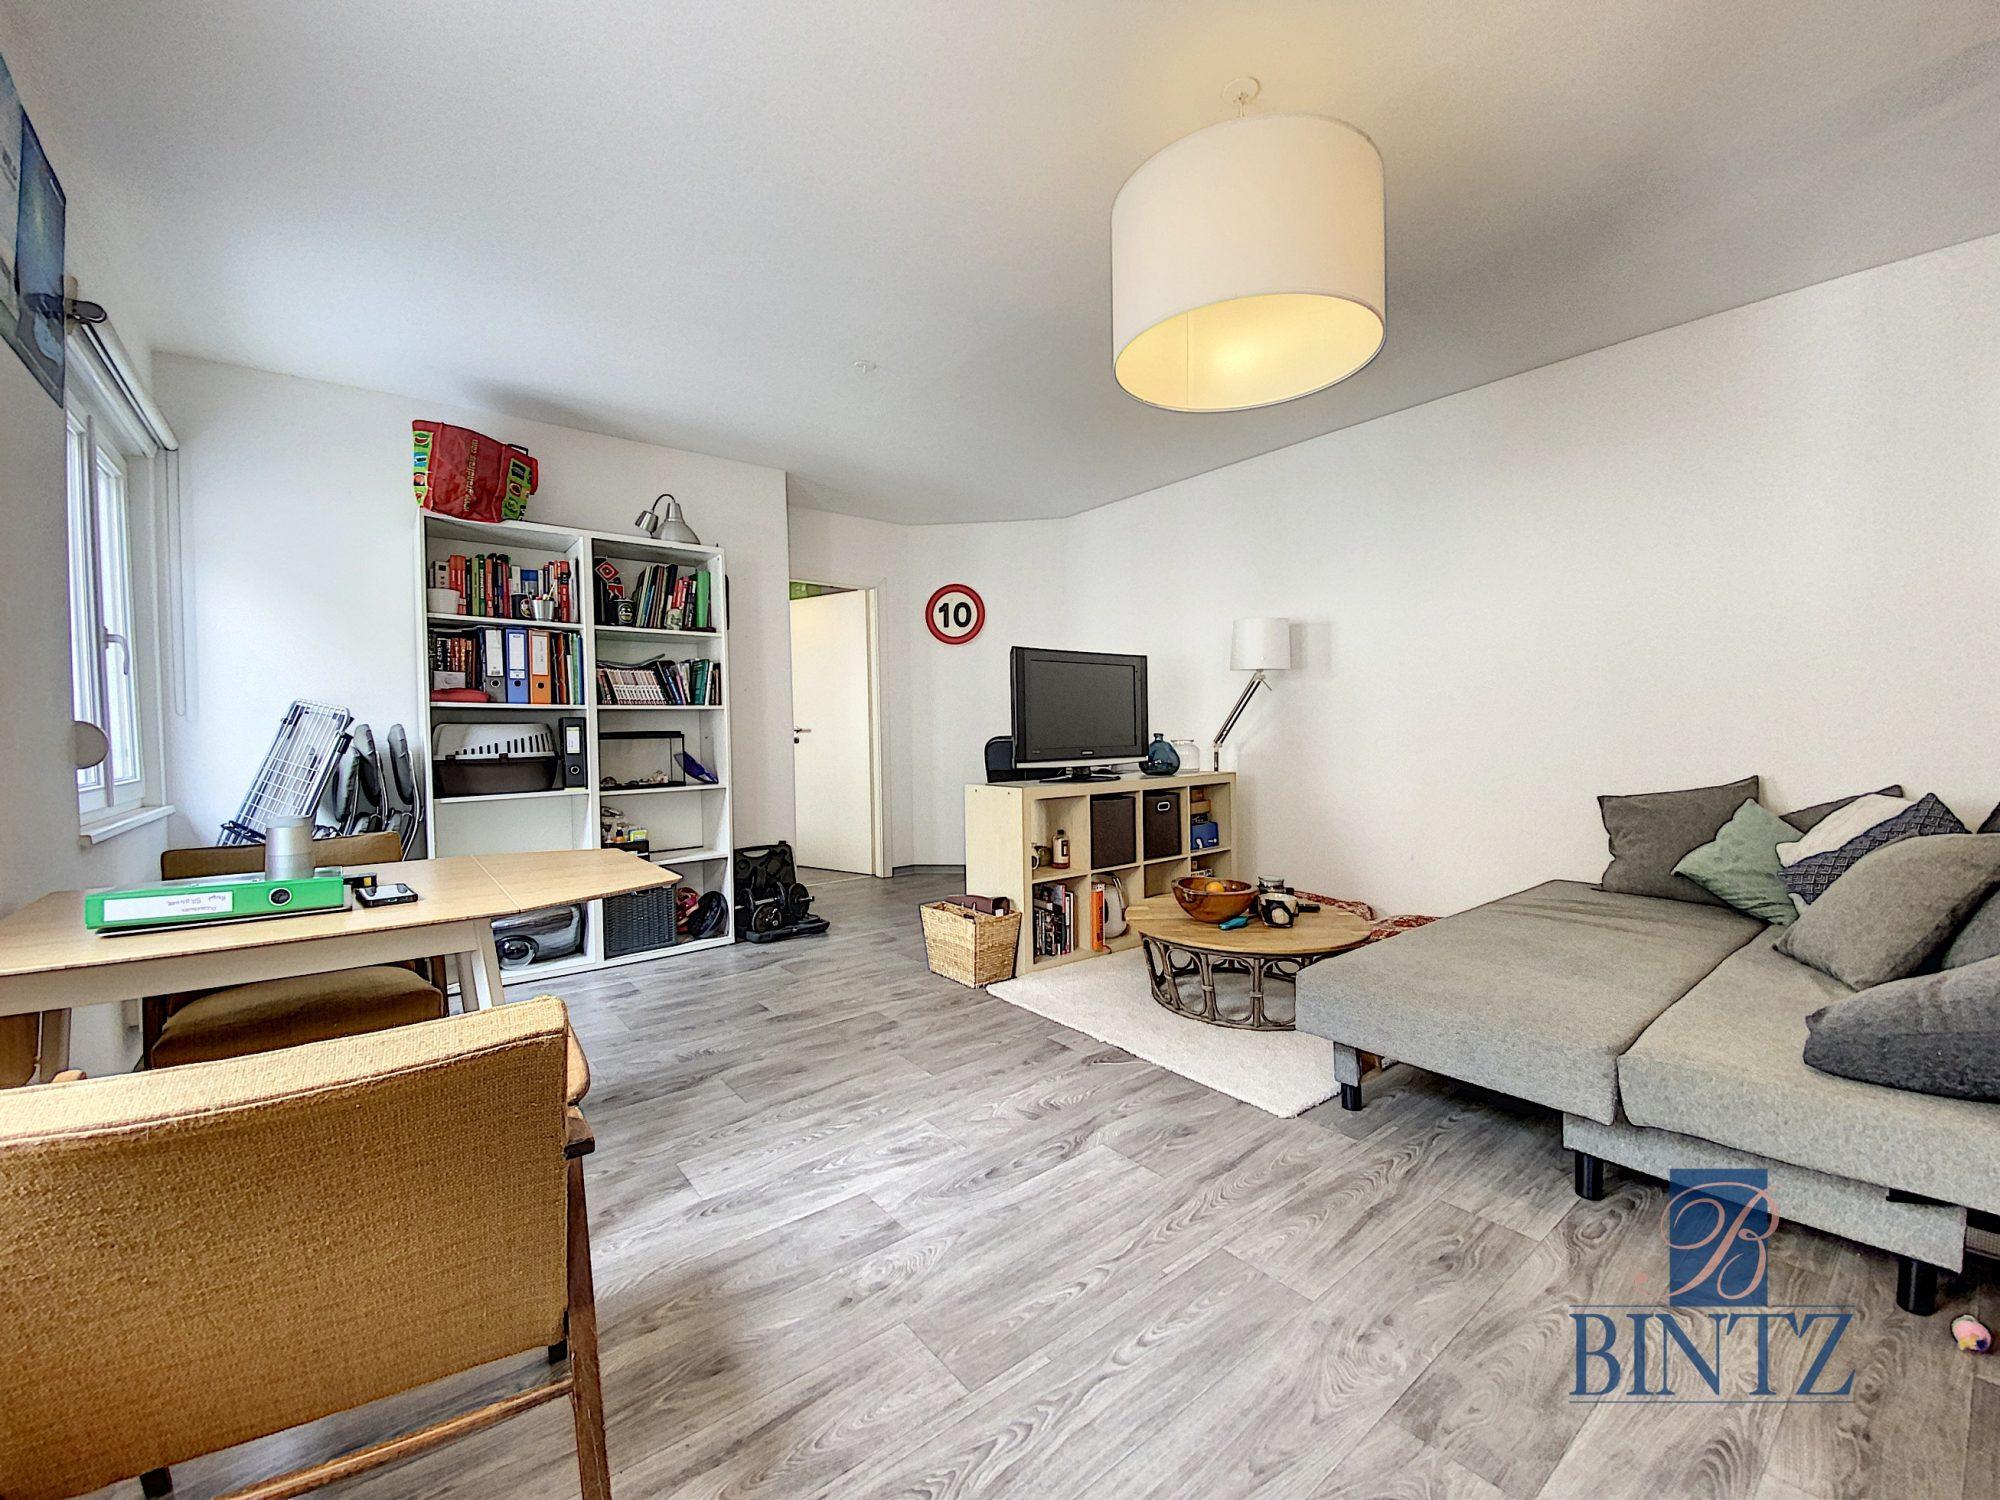 T2 HYPER CENTRE - Devenez locataire en toute sérénité - Bintz Immobilier - 9